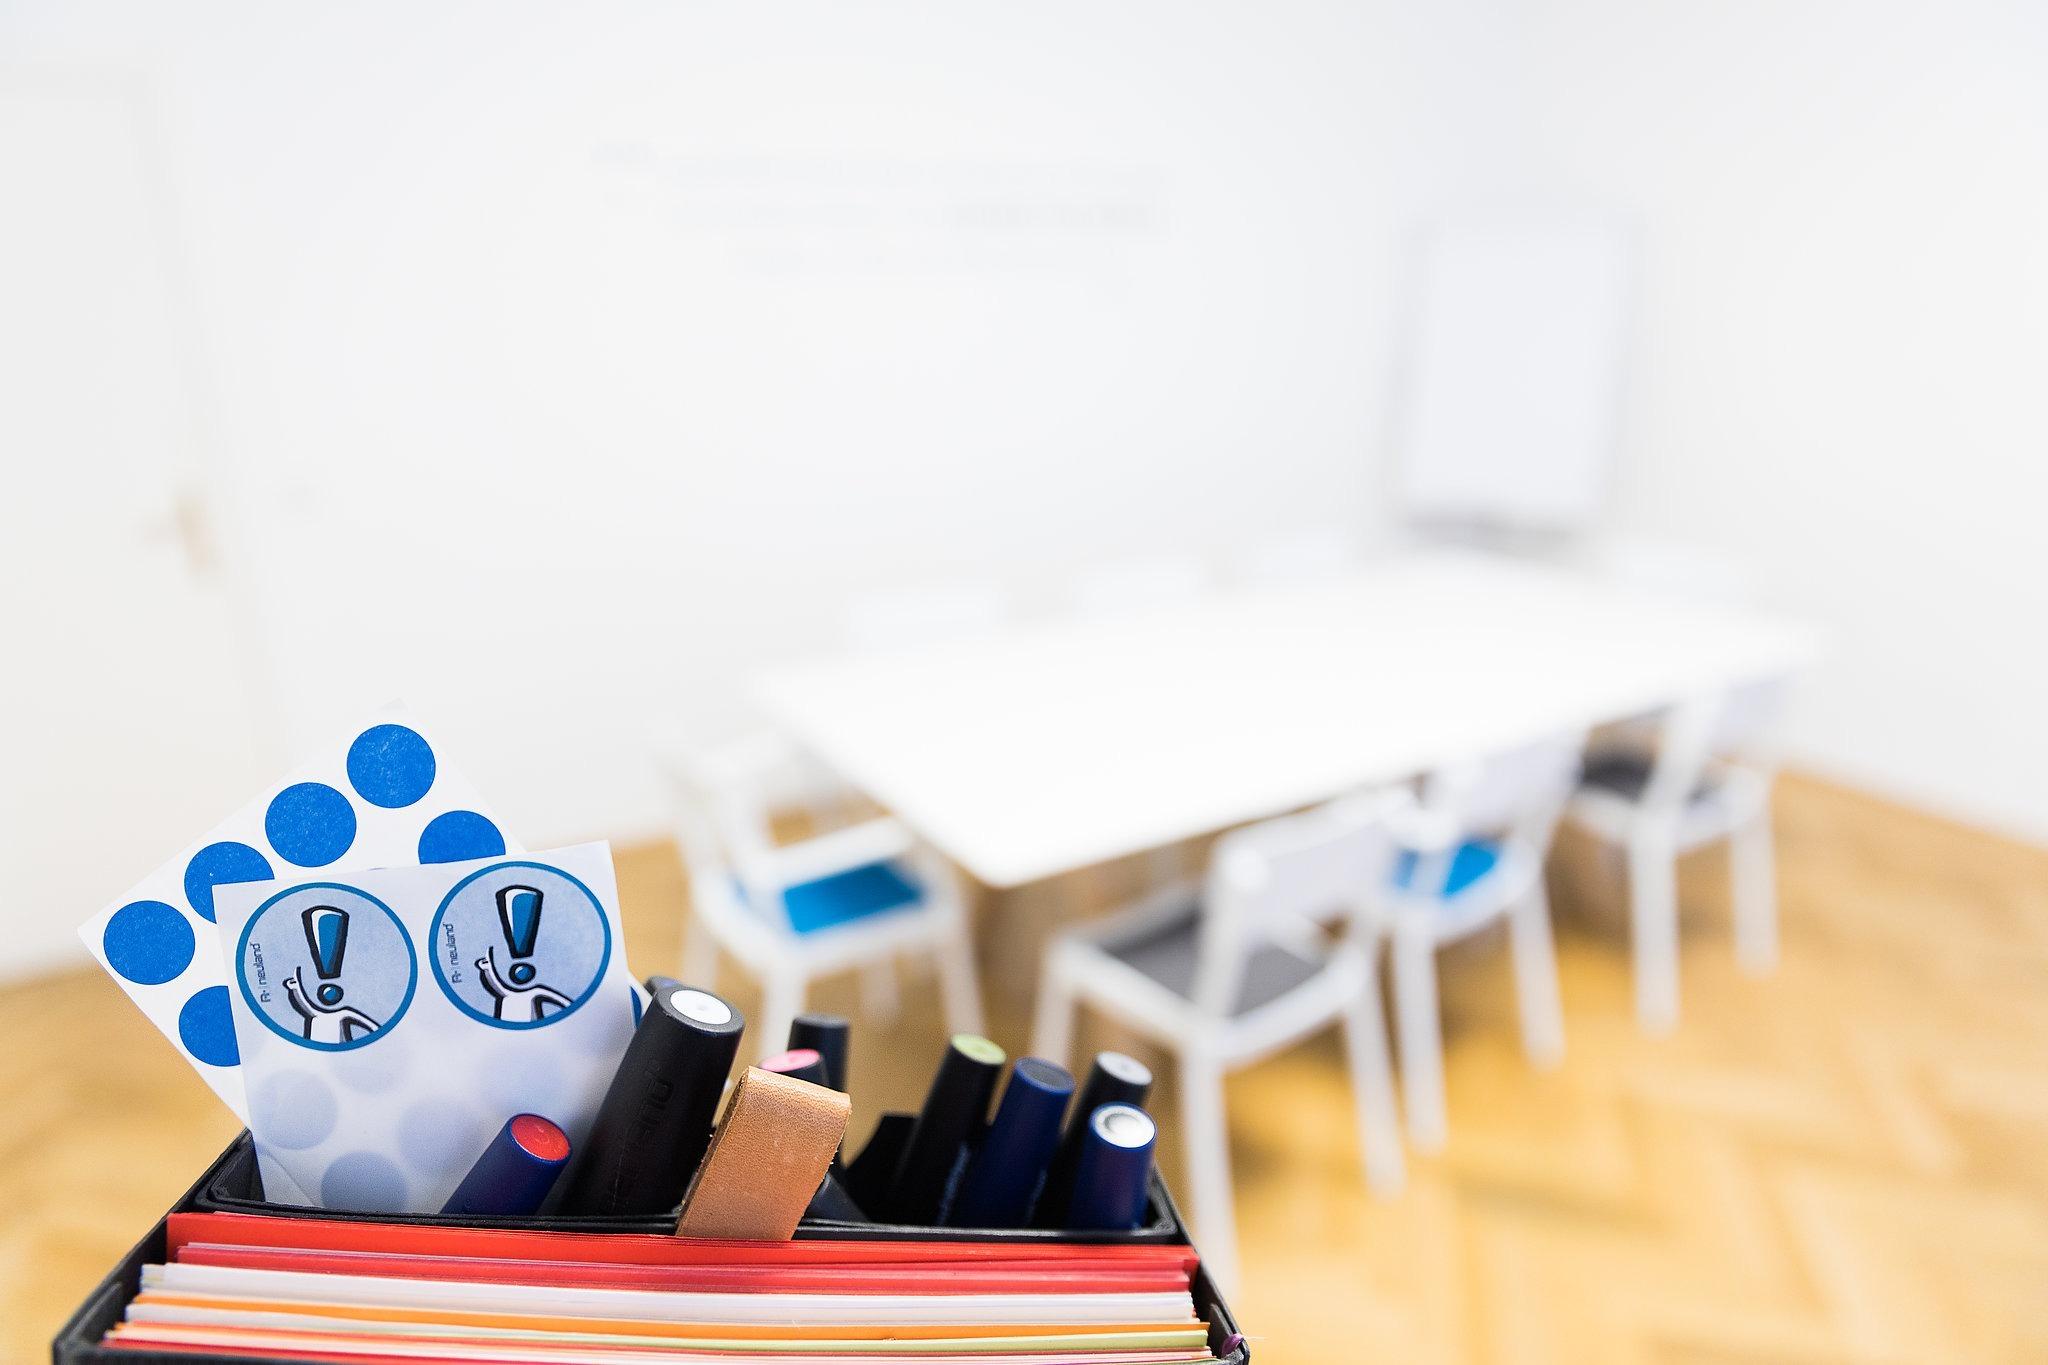 Büro für 360-Grad-Feedback und Mitarbeiterbefragung